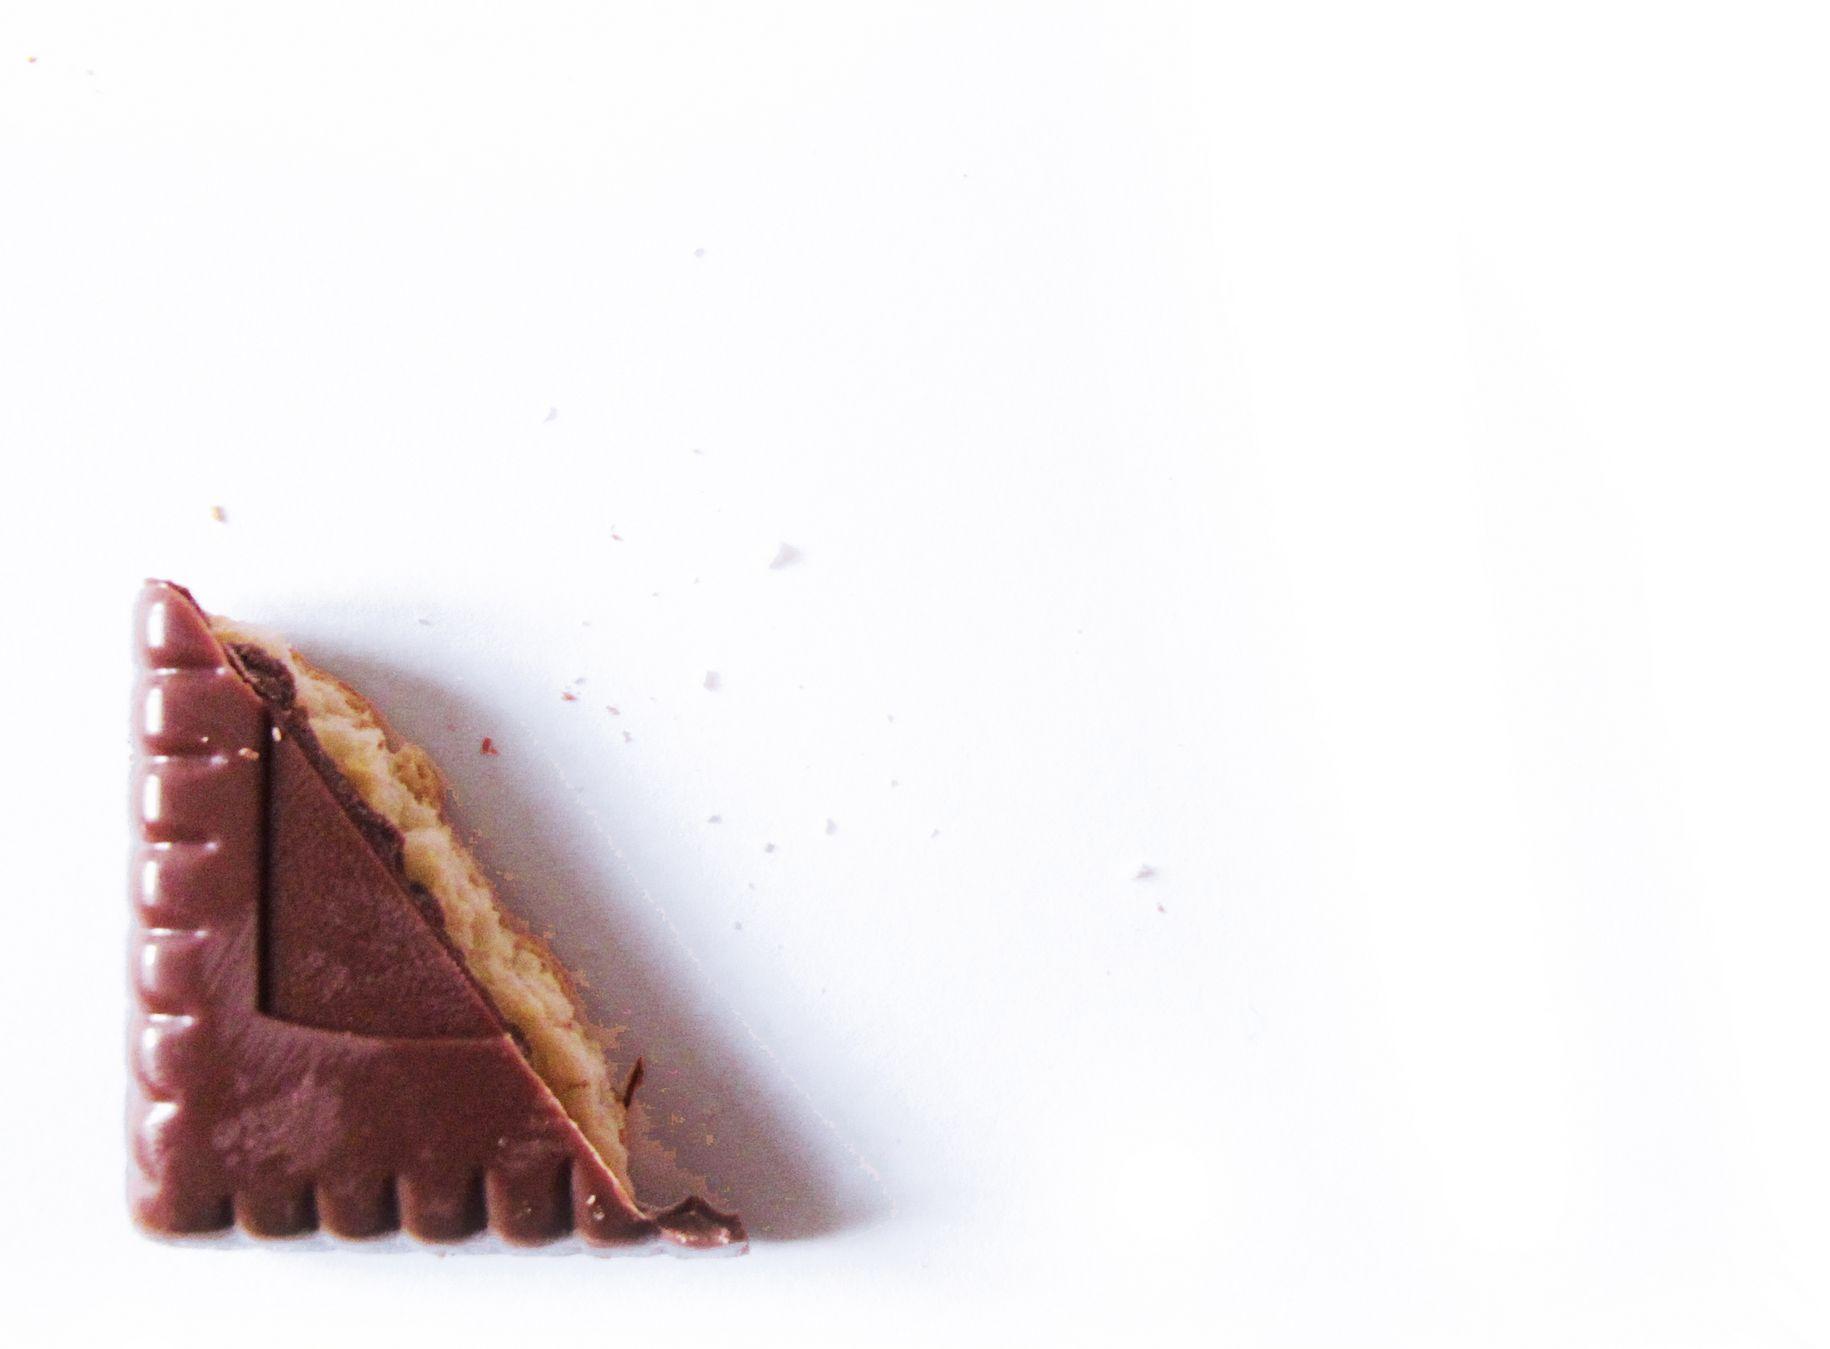 Der Keks ist weg